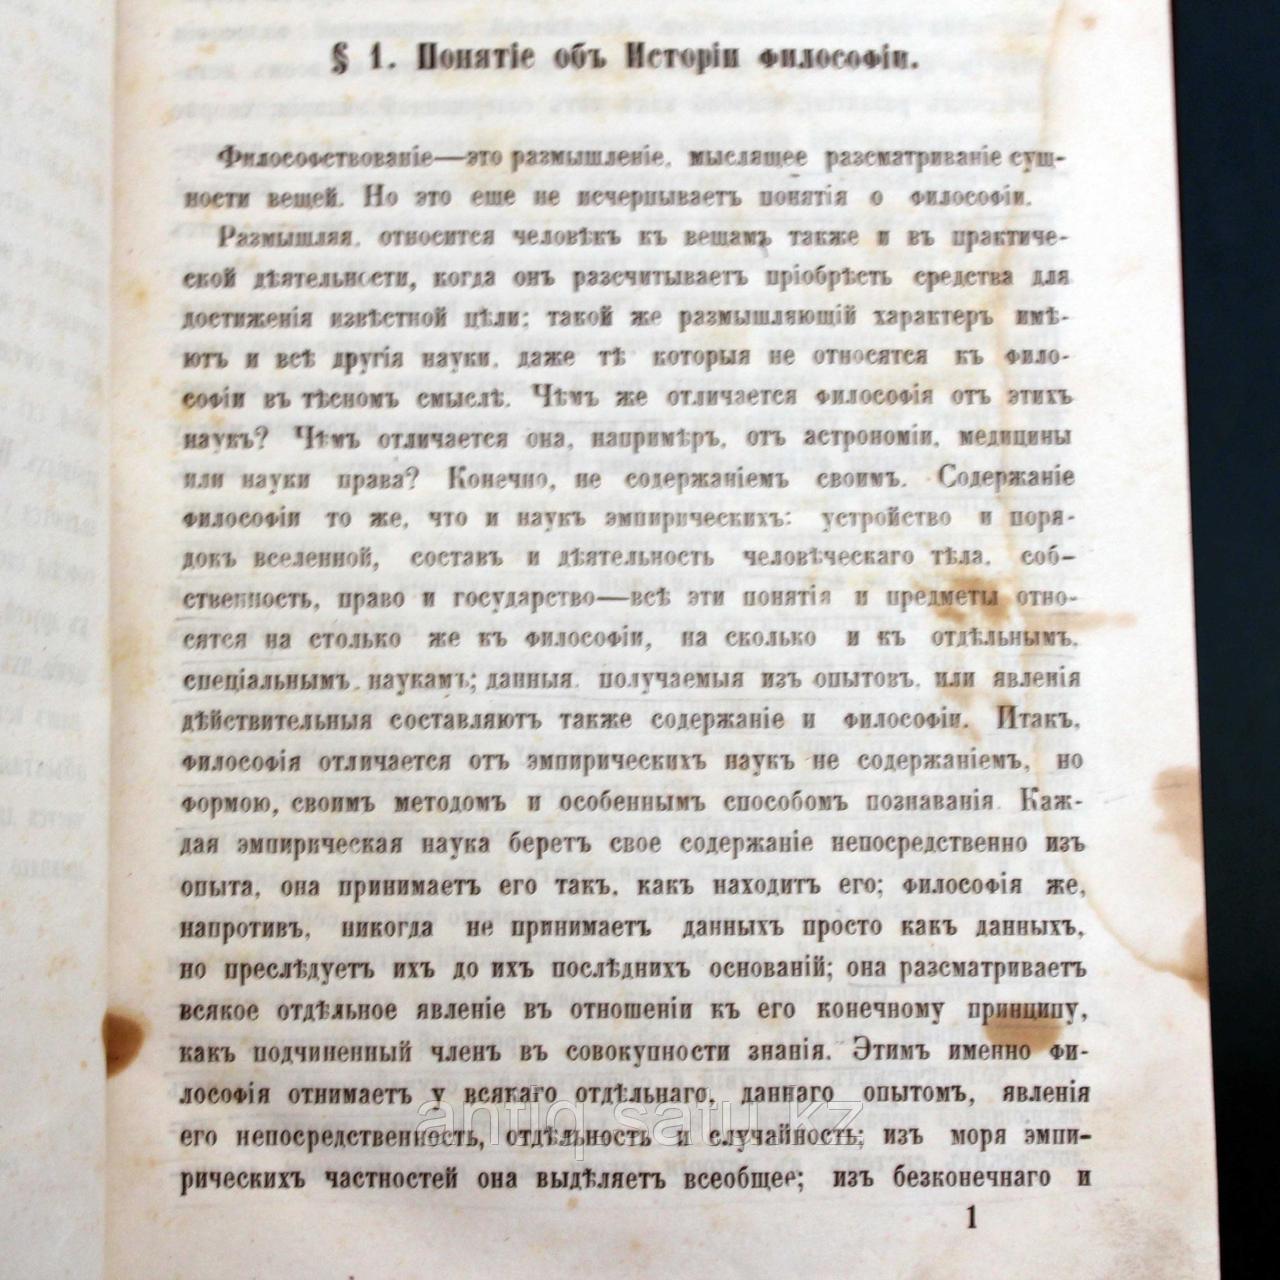 История Философии. Книга- автор Альберт Швеглер. Москва 1864 год - фото 4